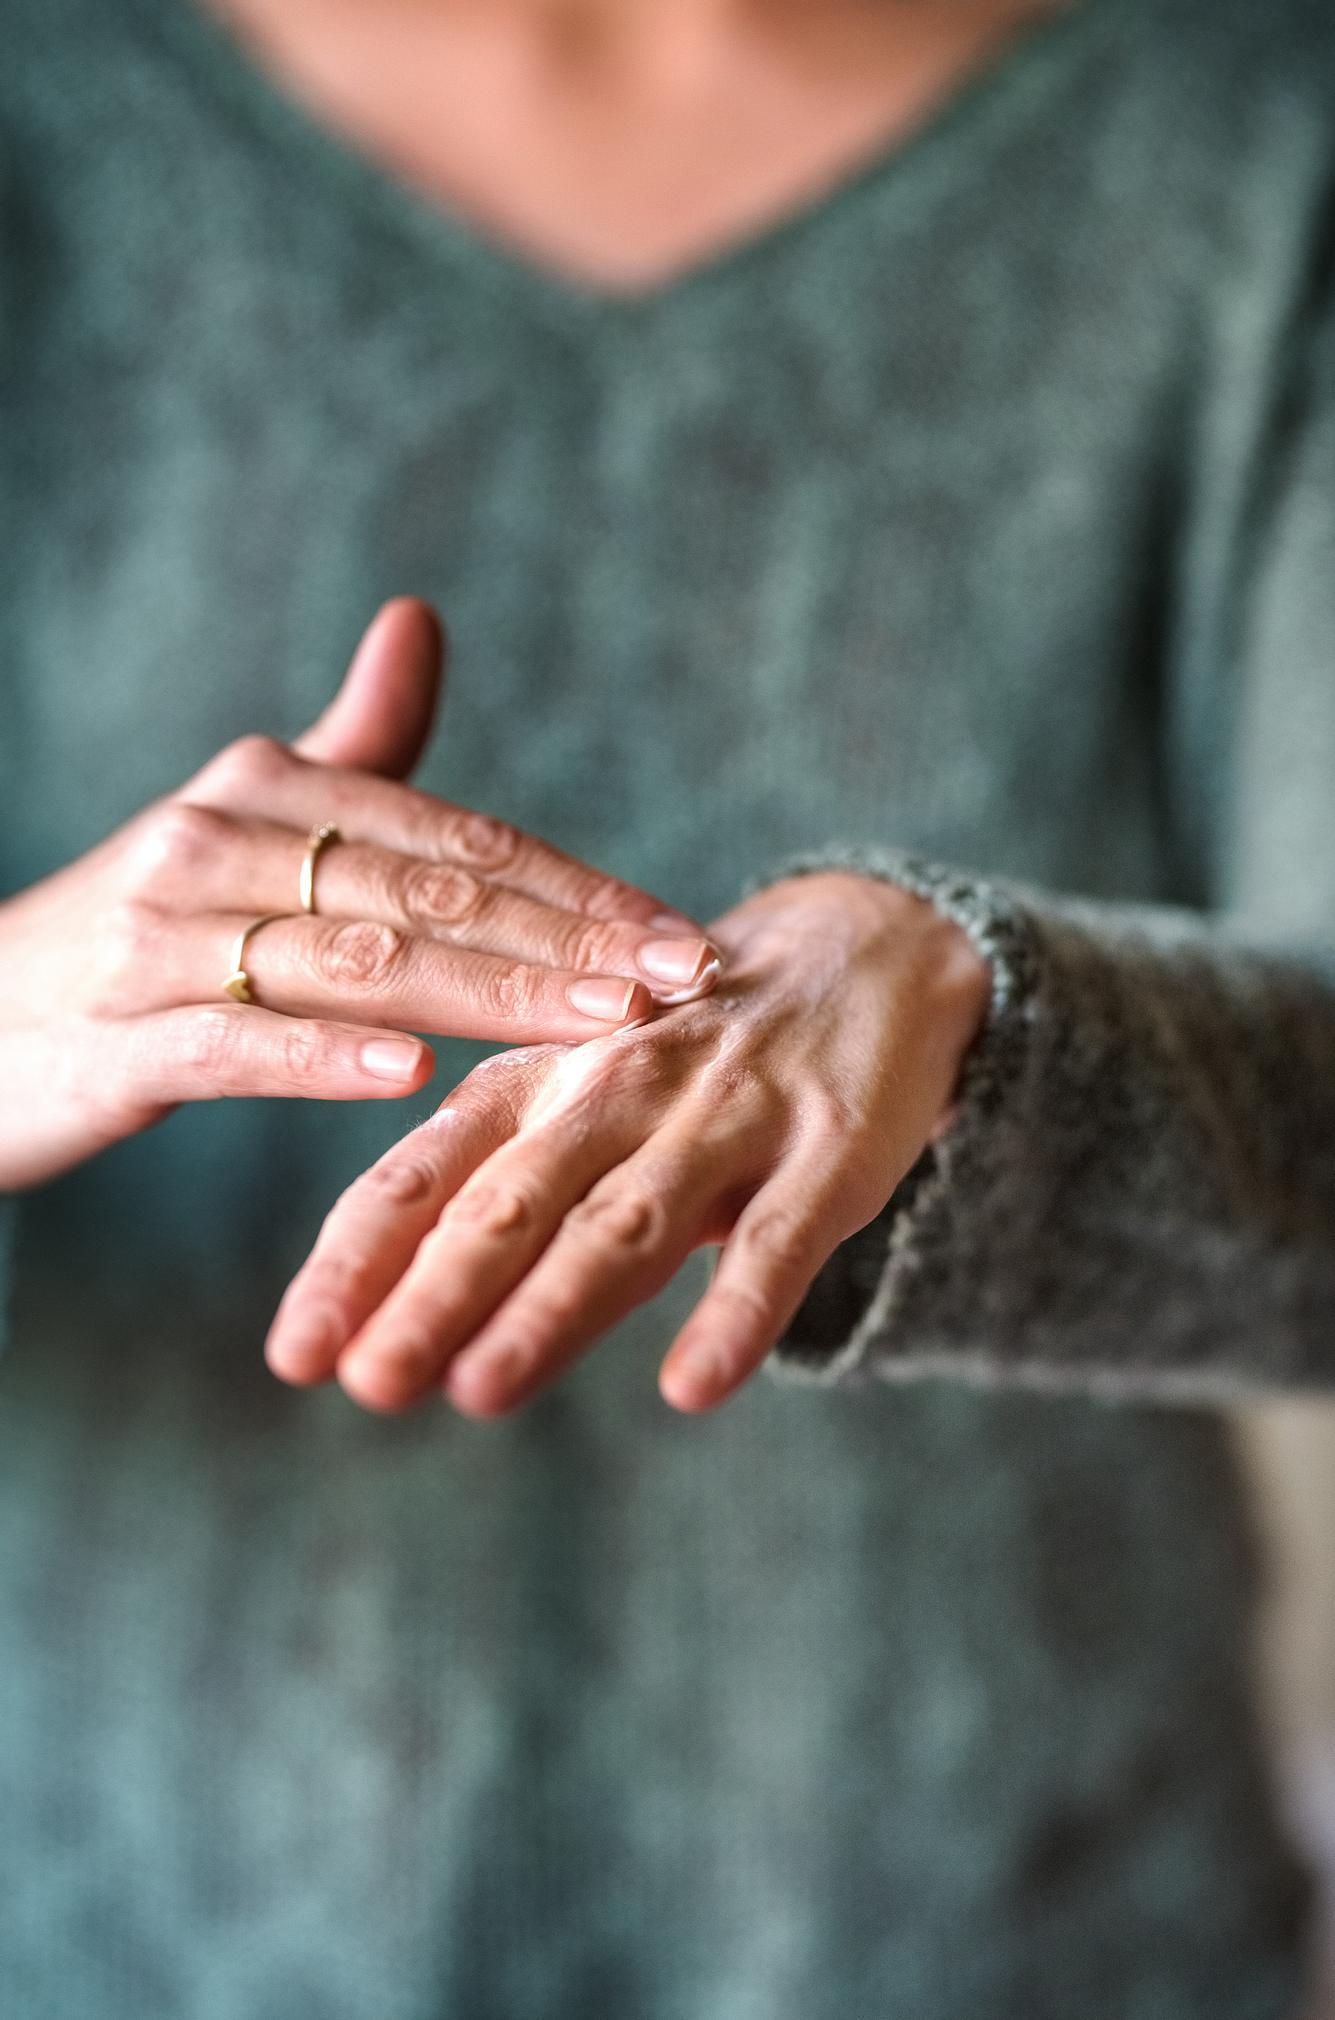 Frau verwendet selbstgemachte Handcreme zum Eincremen.